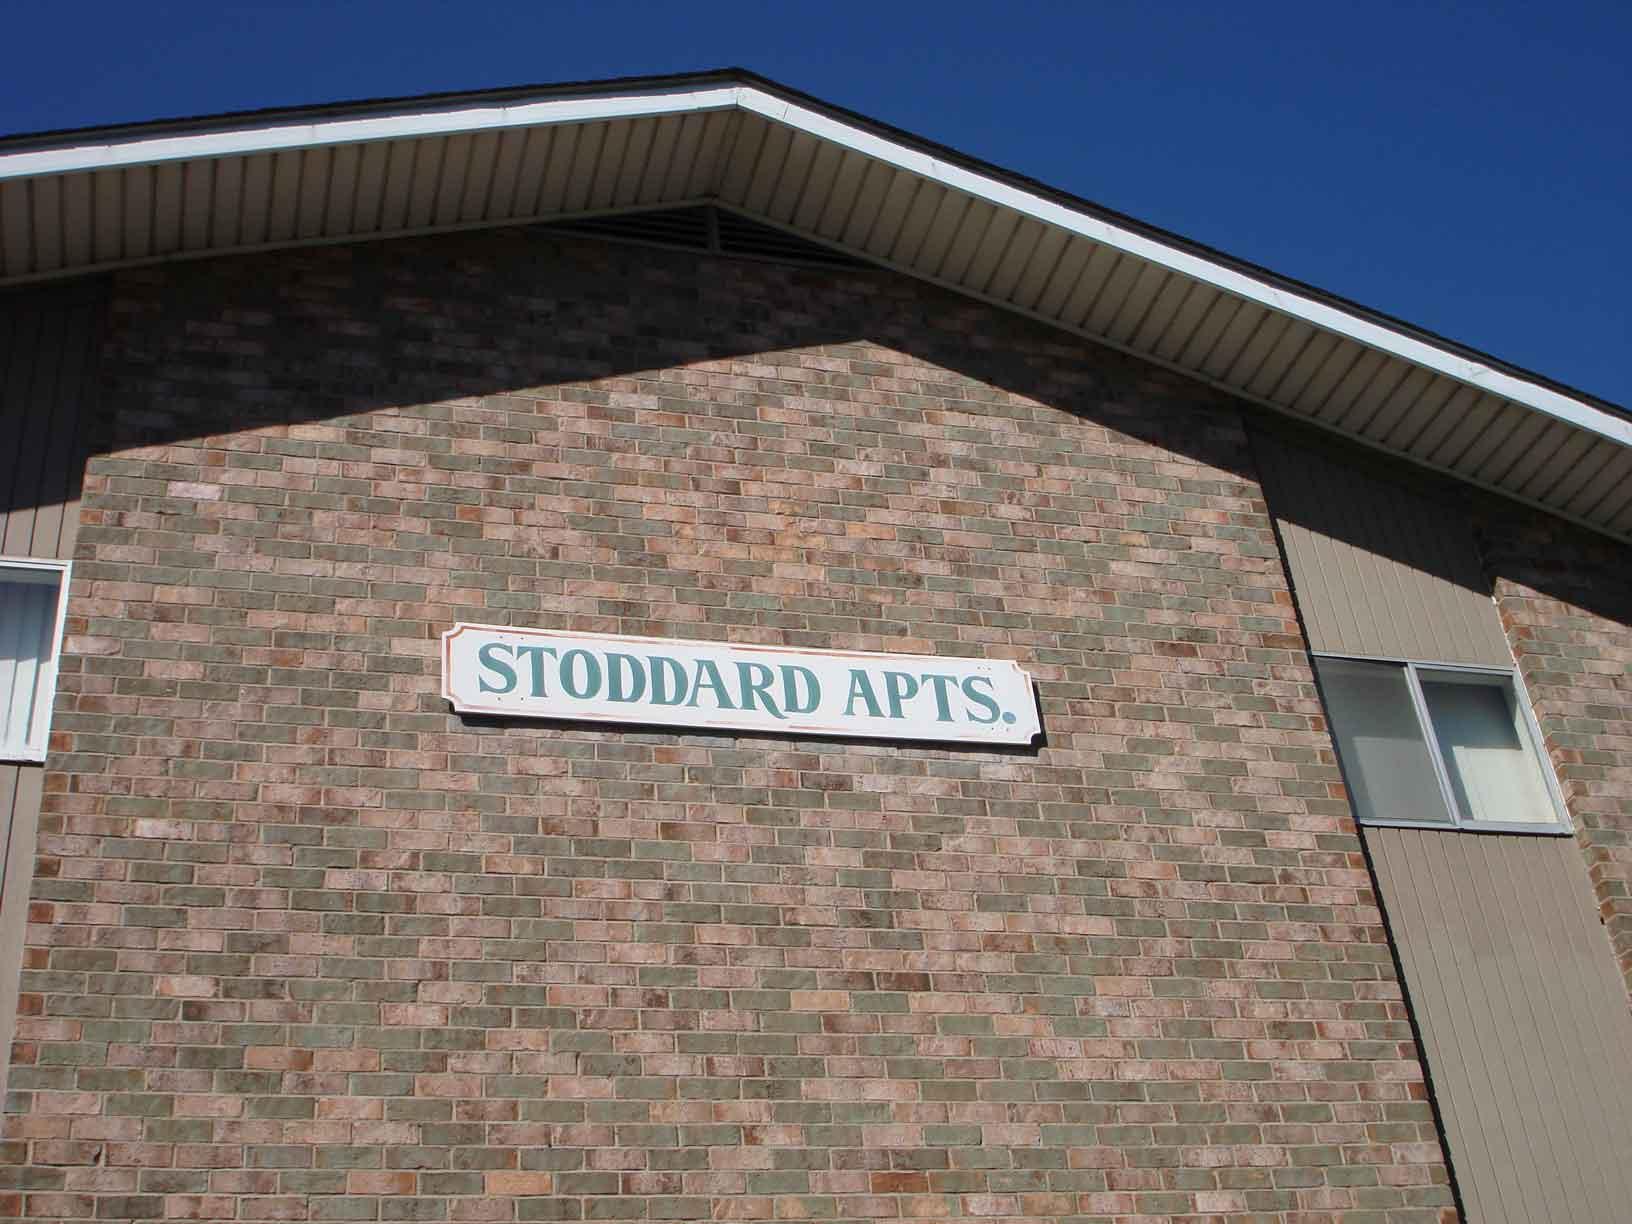 Stoddard-name